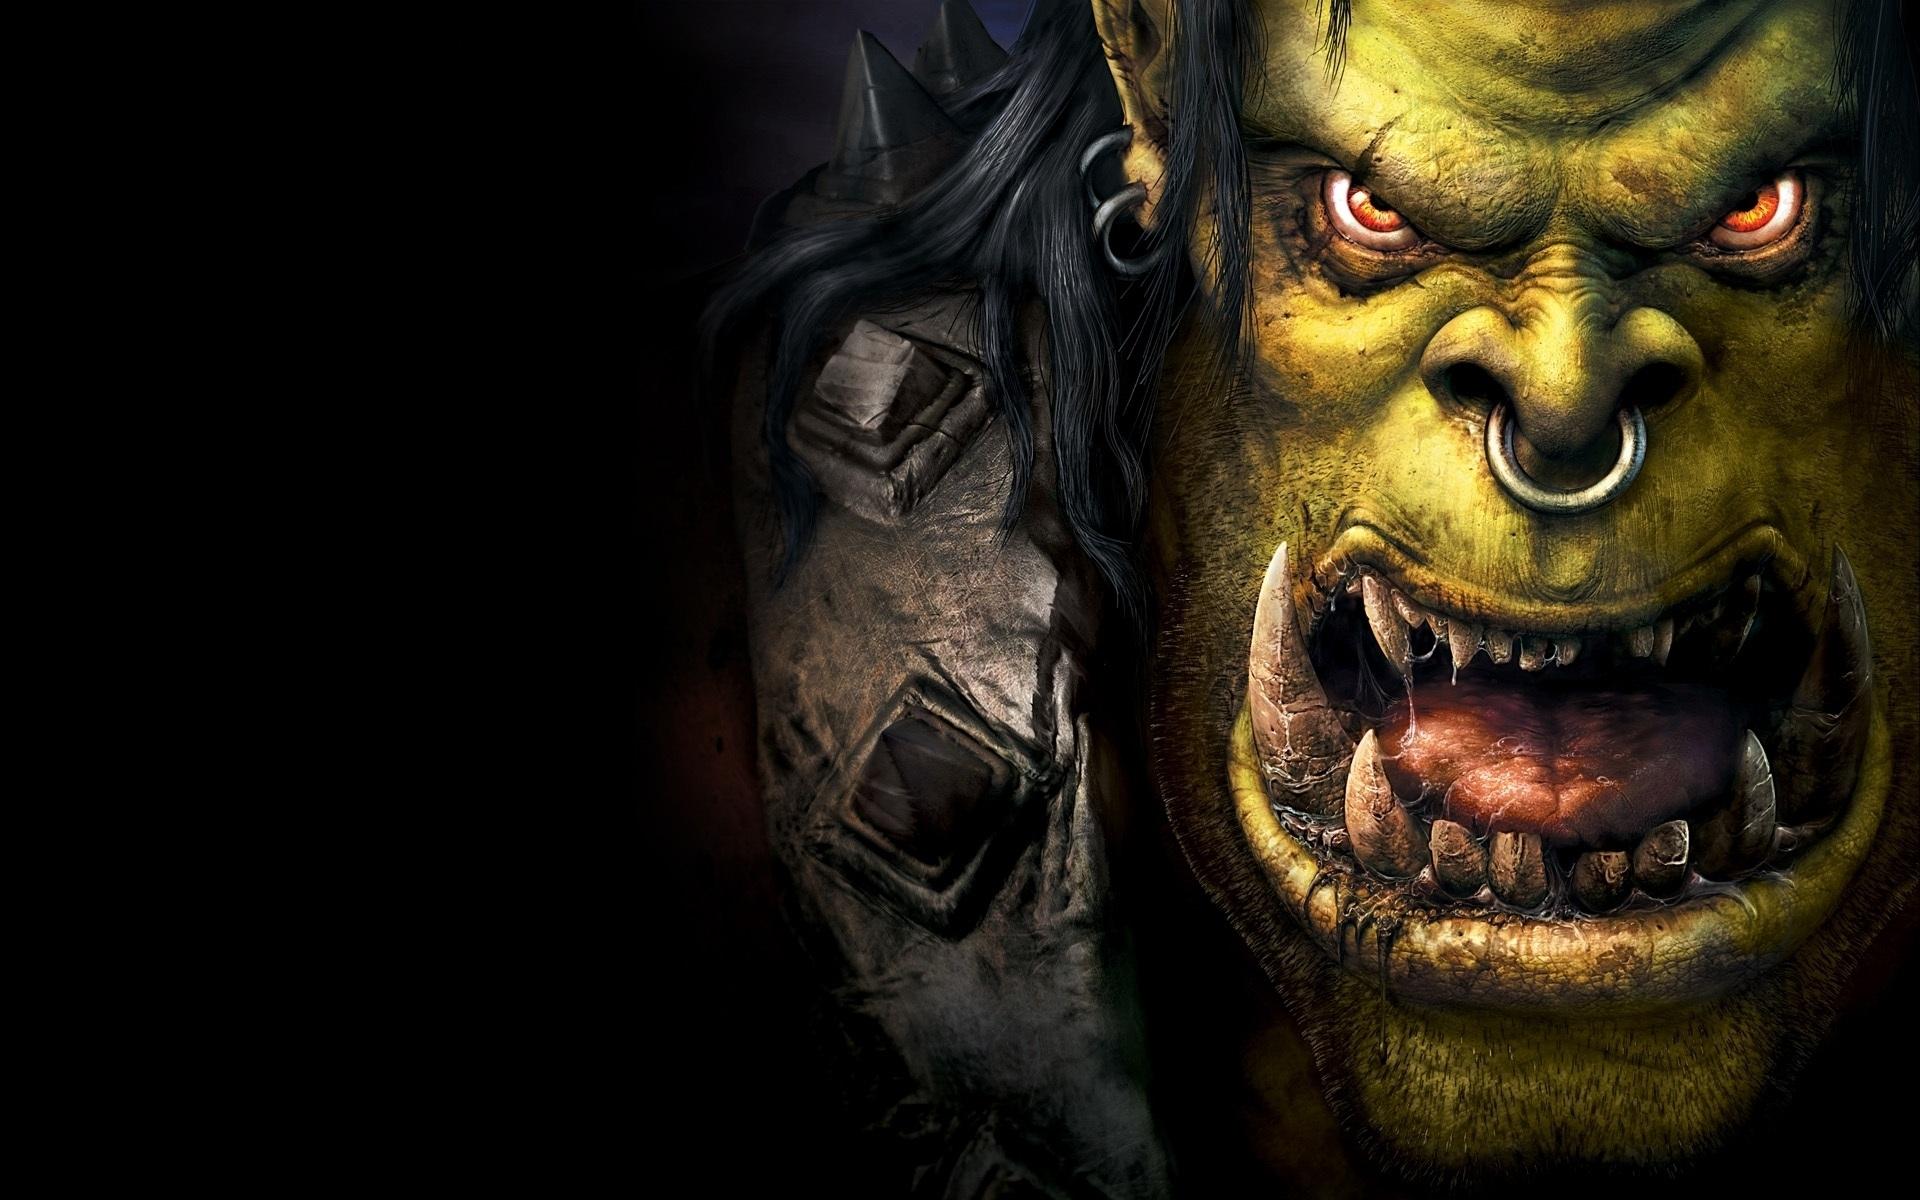 Warcraft 3 orc build order pornos sensual pornstar